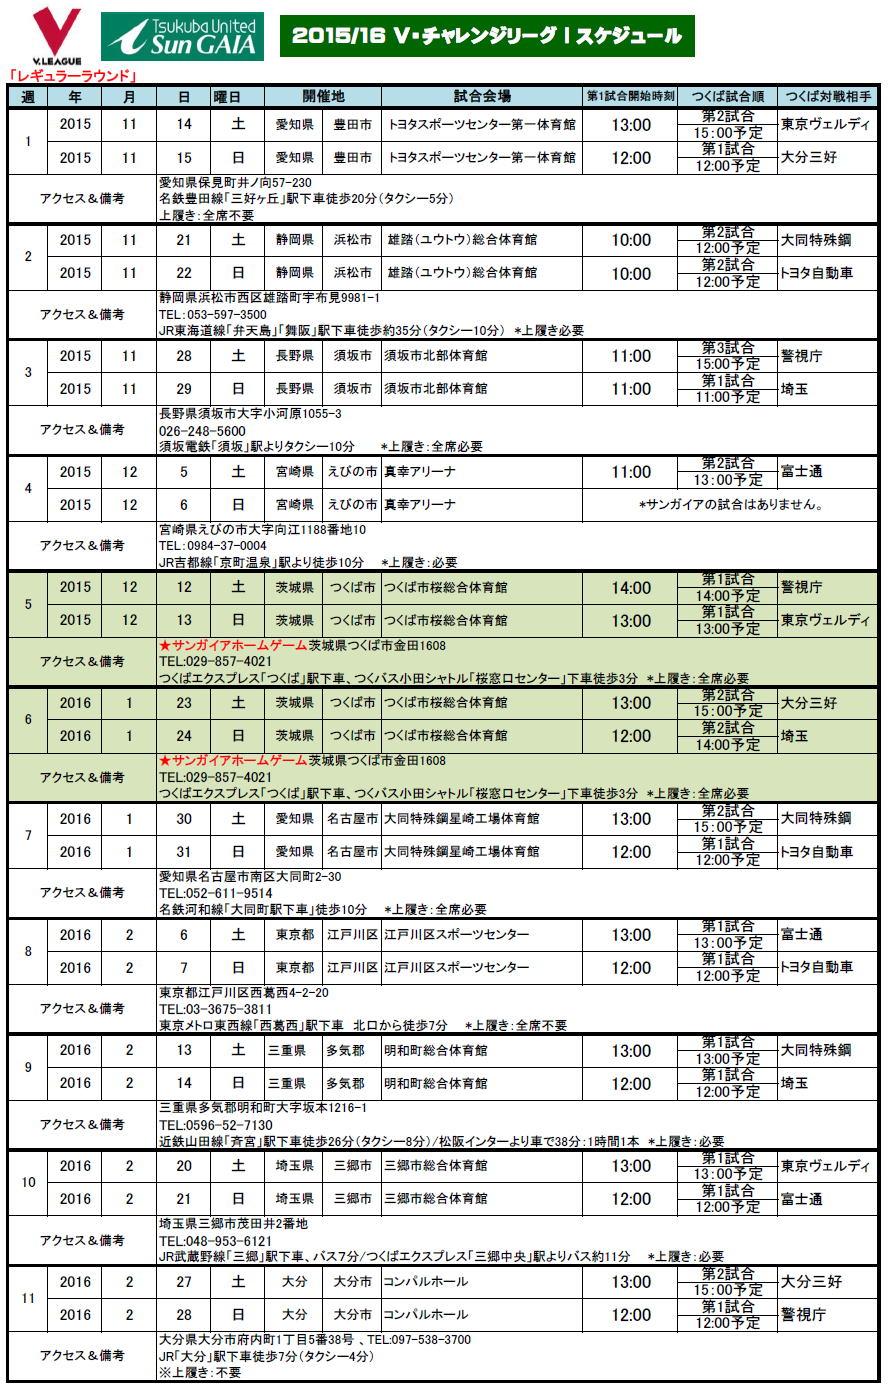 2015/16シーズンV・チャレンジリーグⅠ レギュラーラウンド・スケジュール